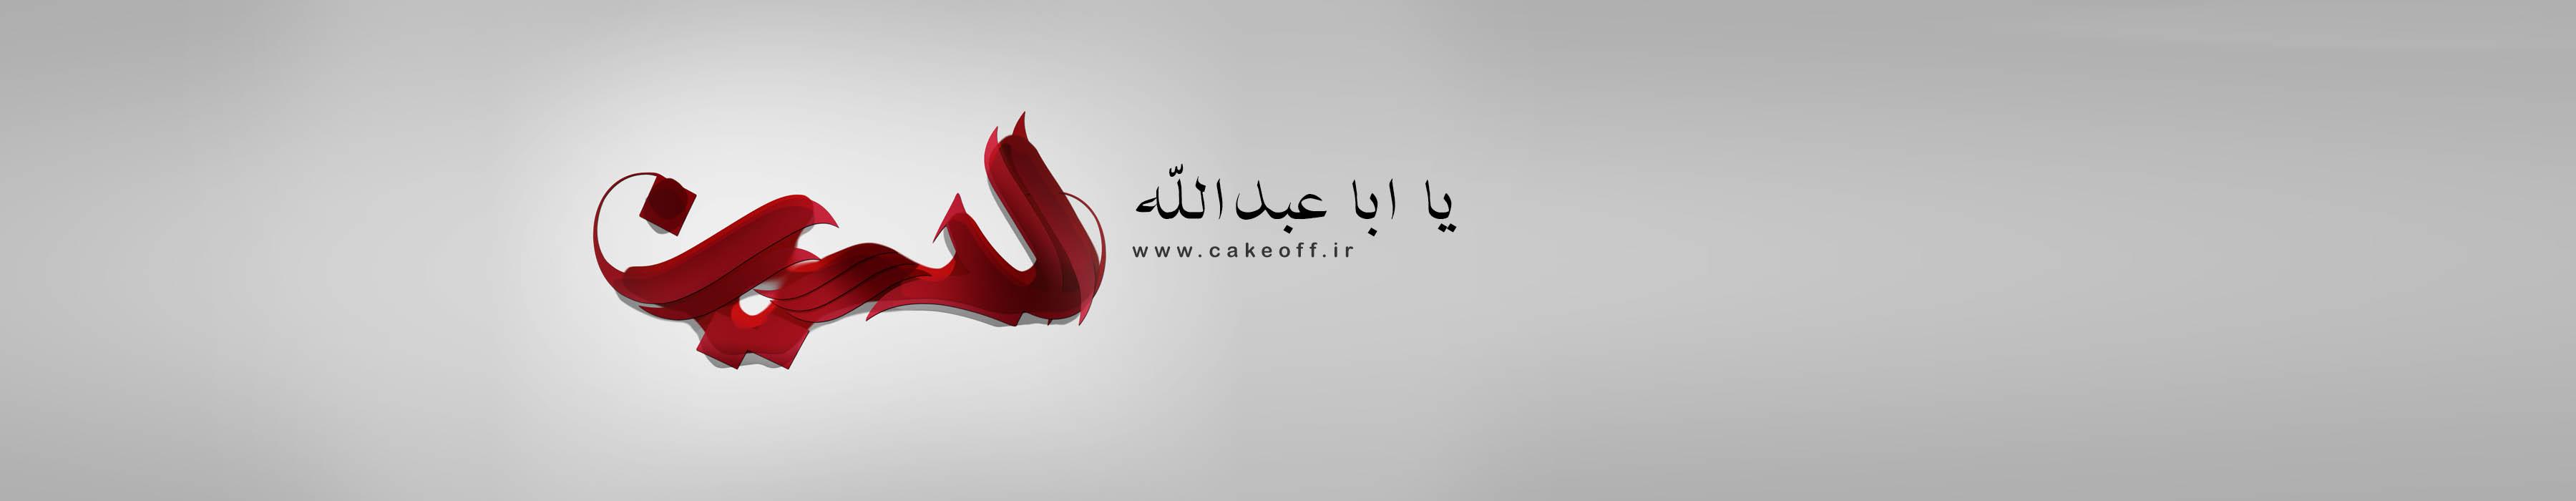 ایام سوگواری محرم بر تمامی مسلمین تسلیت باد